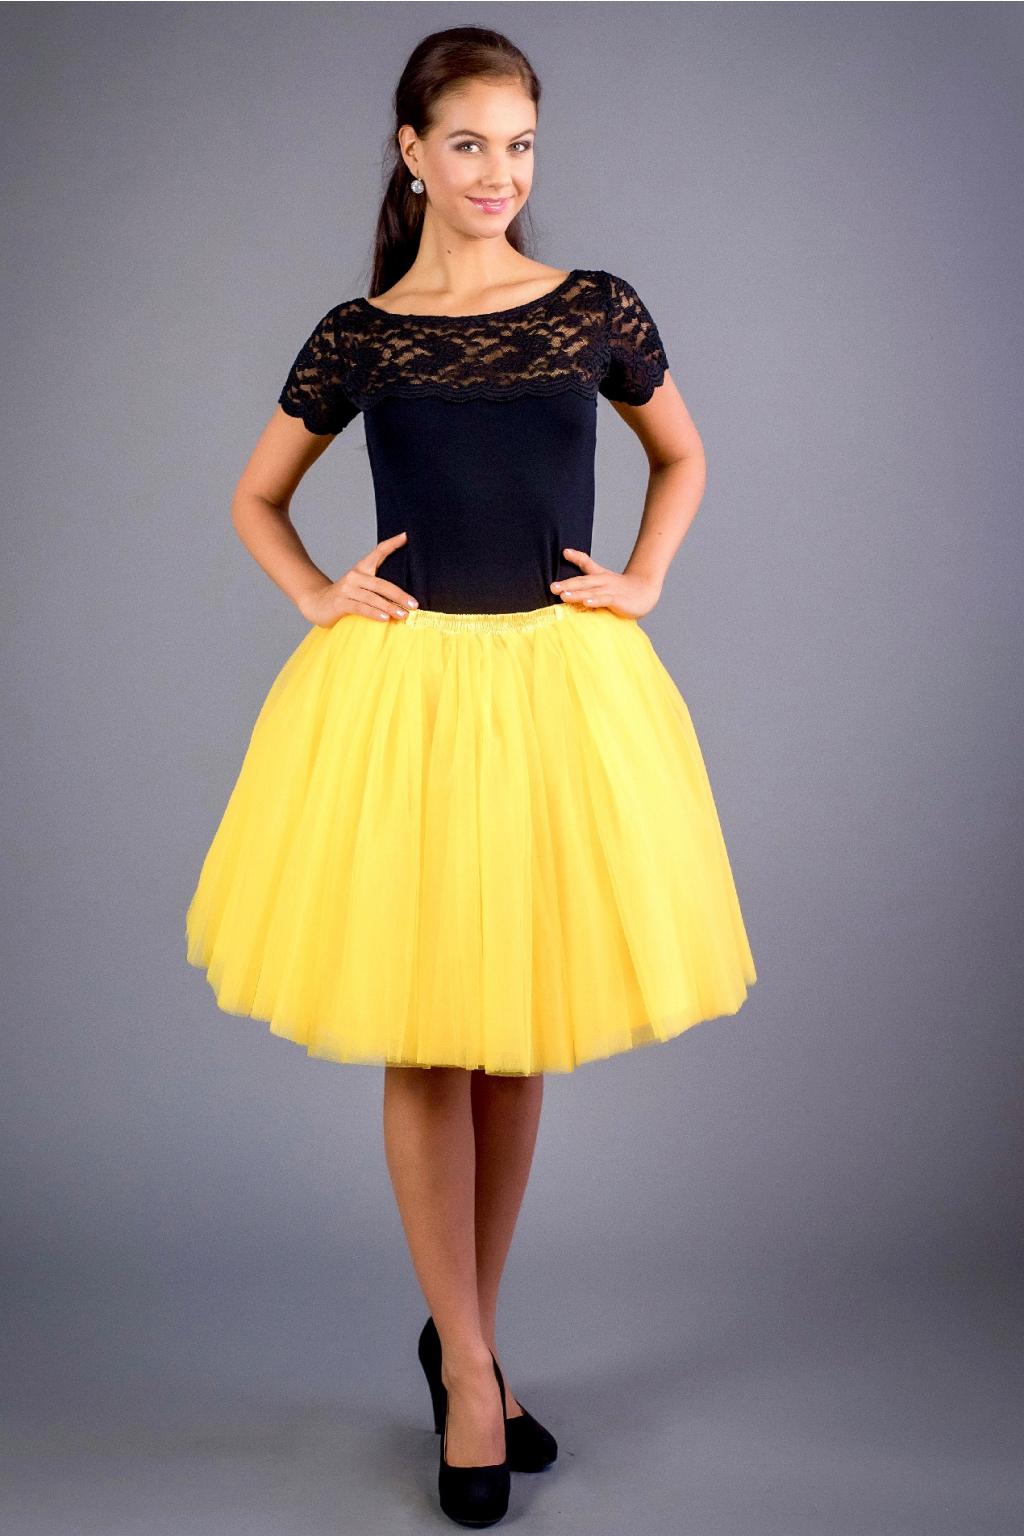 Dámská tylová TUTU sukně hořčicová - MiaBella 4113238a52